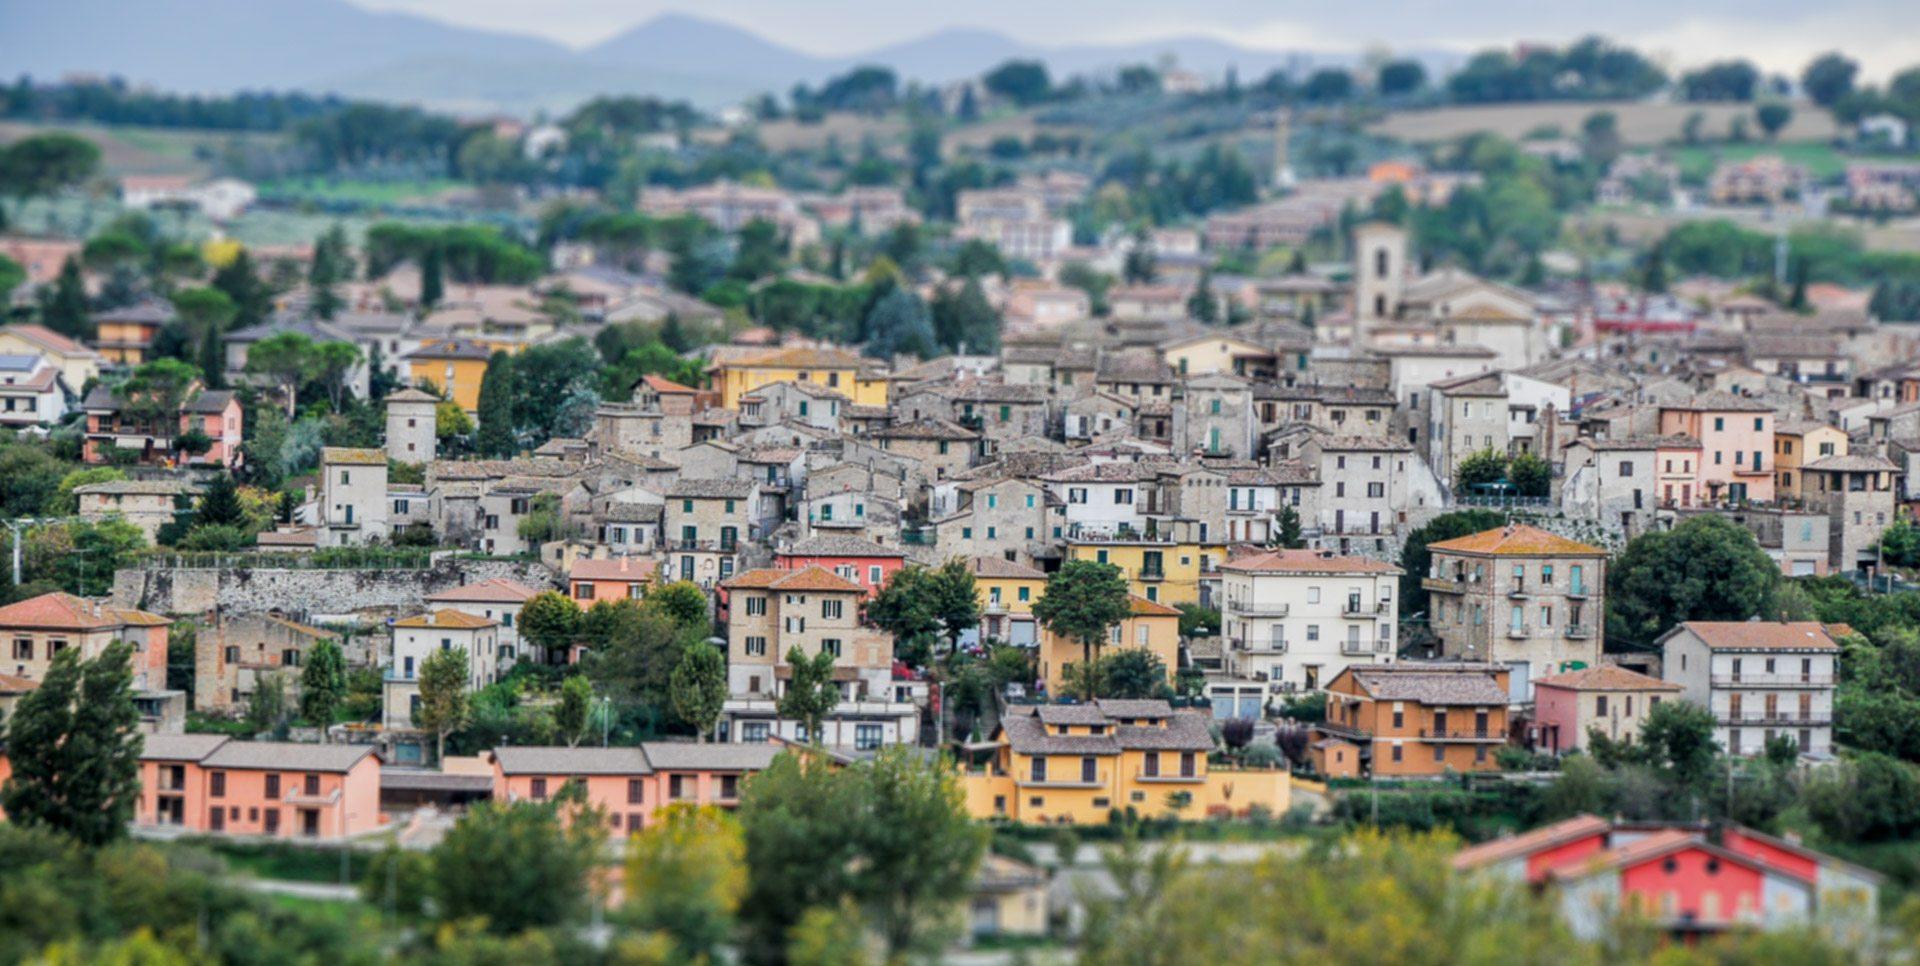 Acquasparta Umbria Italy